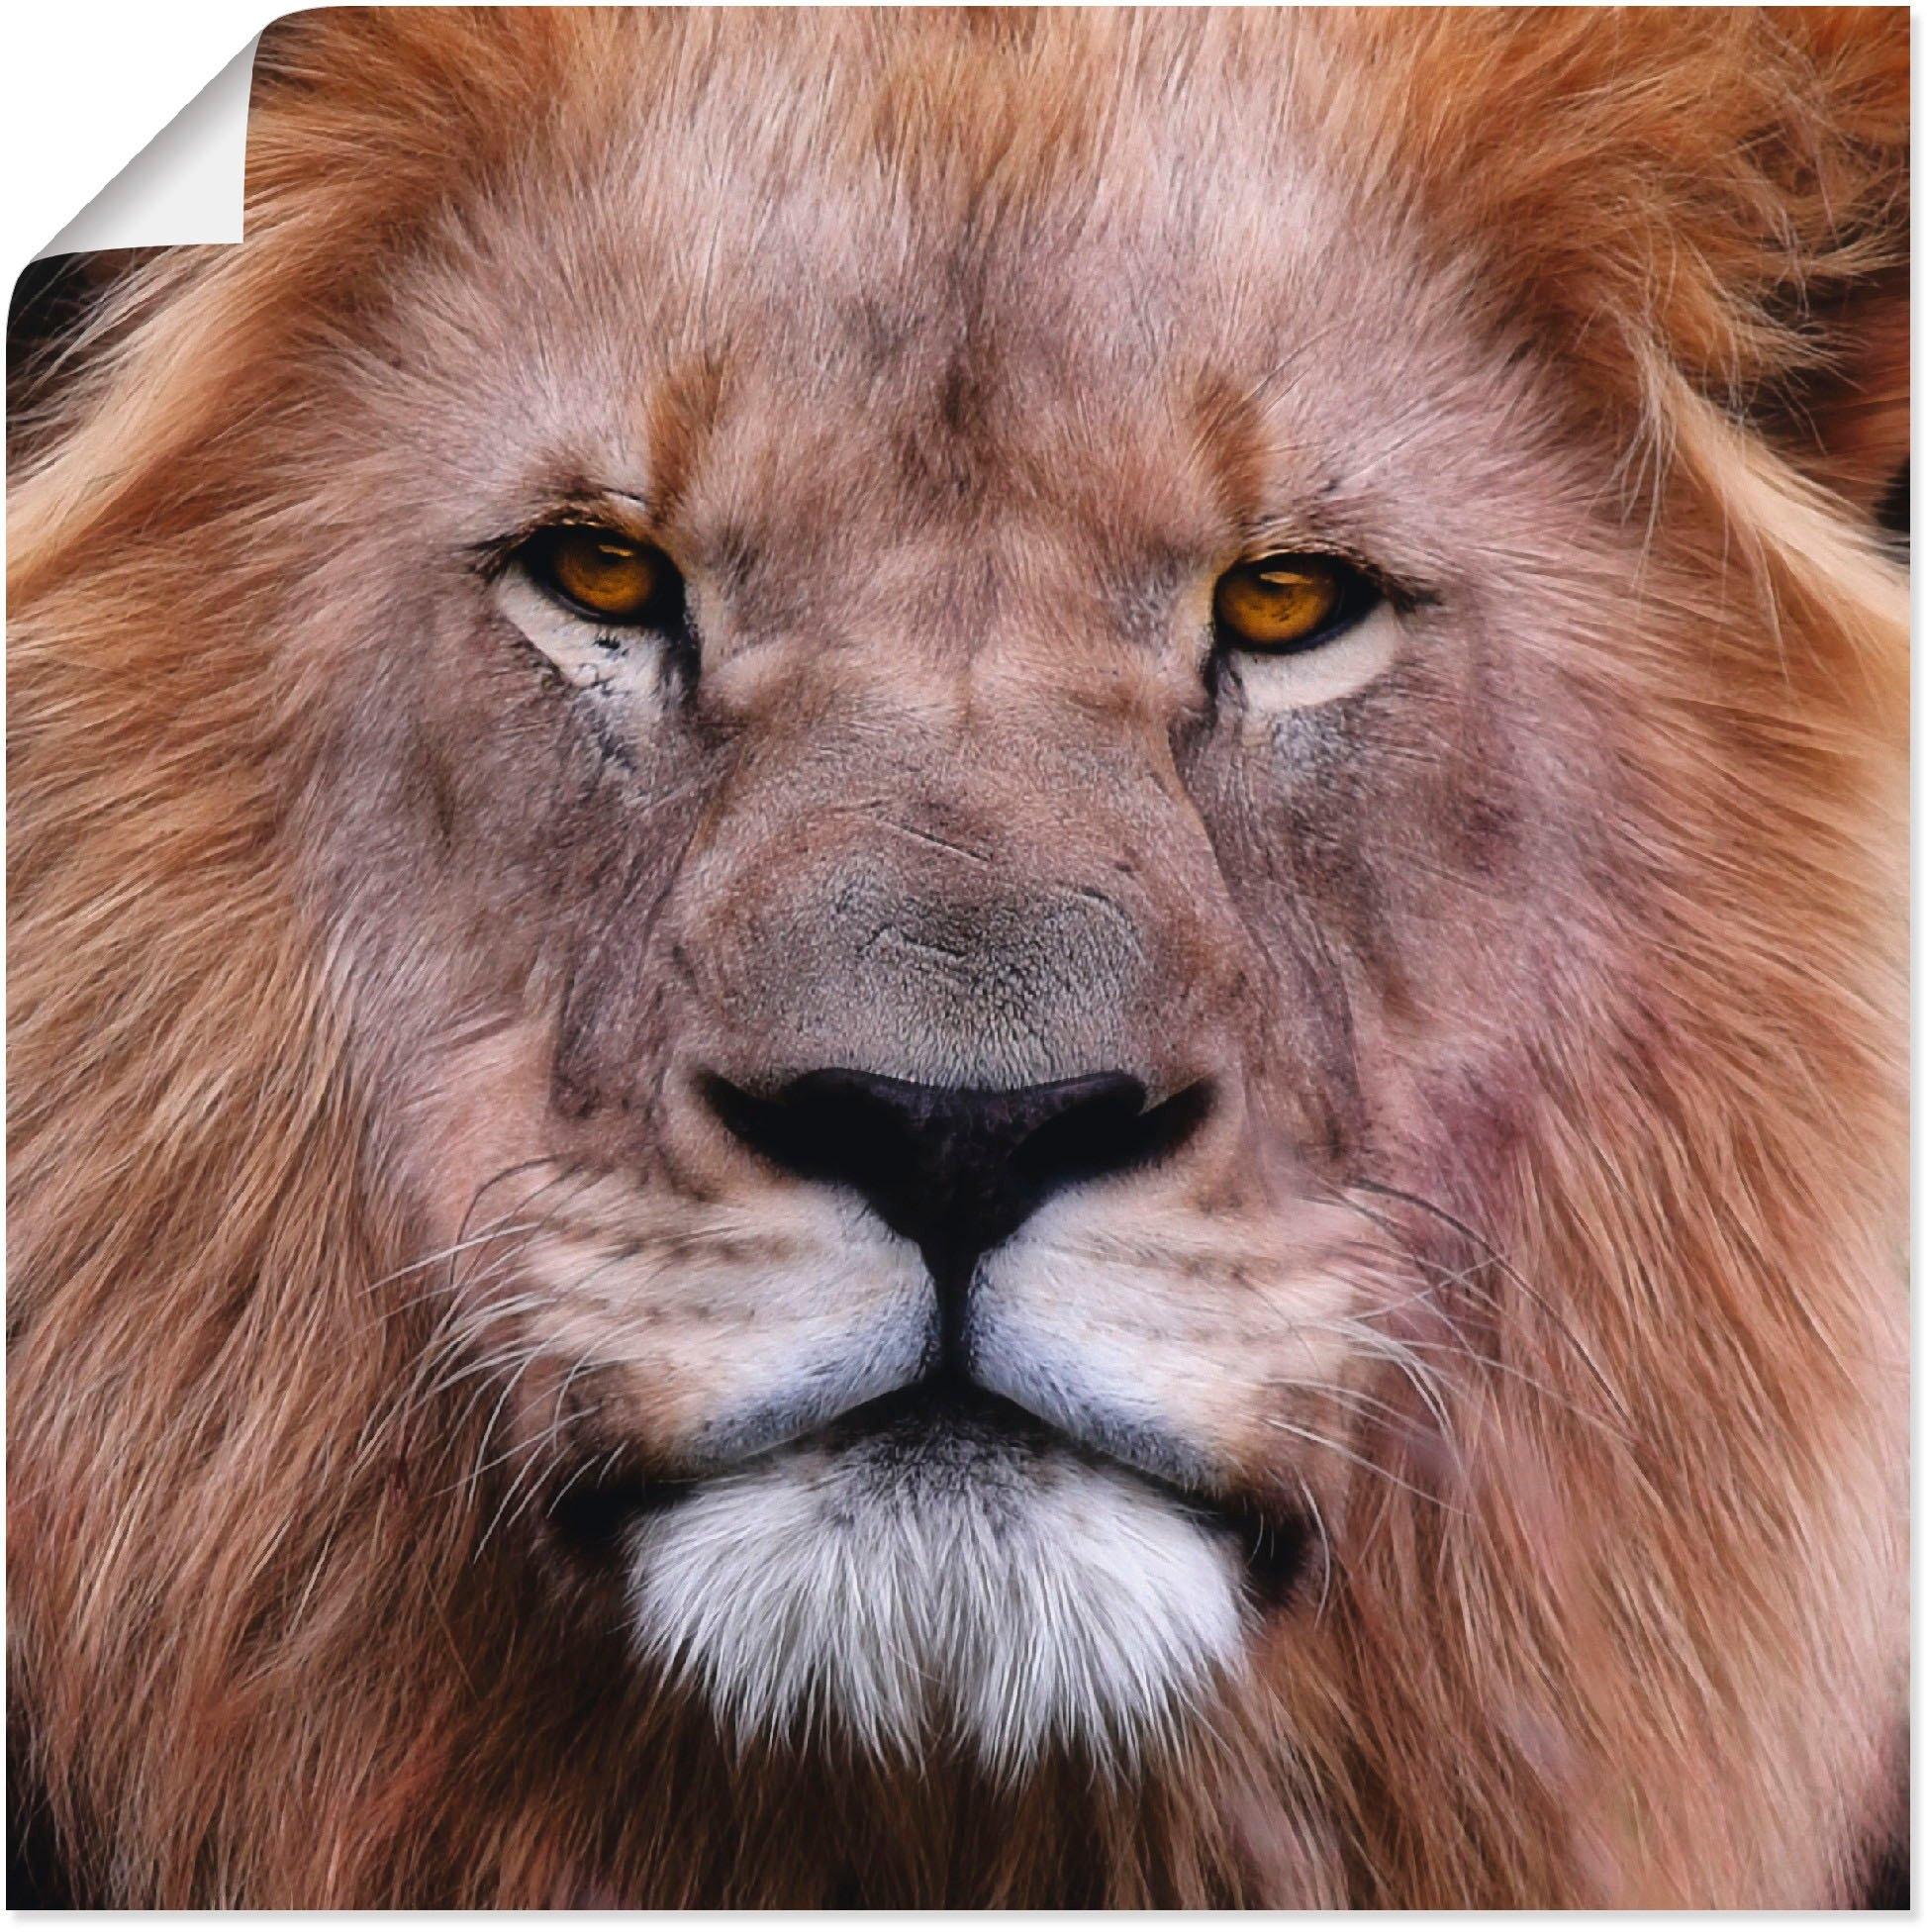 Artland artprint Koning van de leeuwen in vele afmetingen & productsoorten -artprint op linnen, poster, muursticker / wandfolie ook geschikt voor de badkamer (1 stuk) online kopen op otto.nl